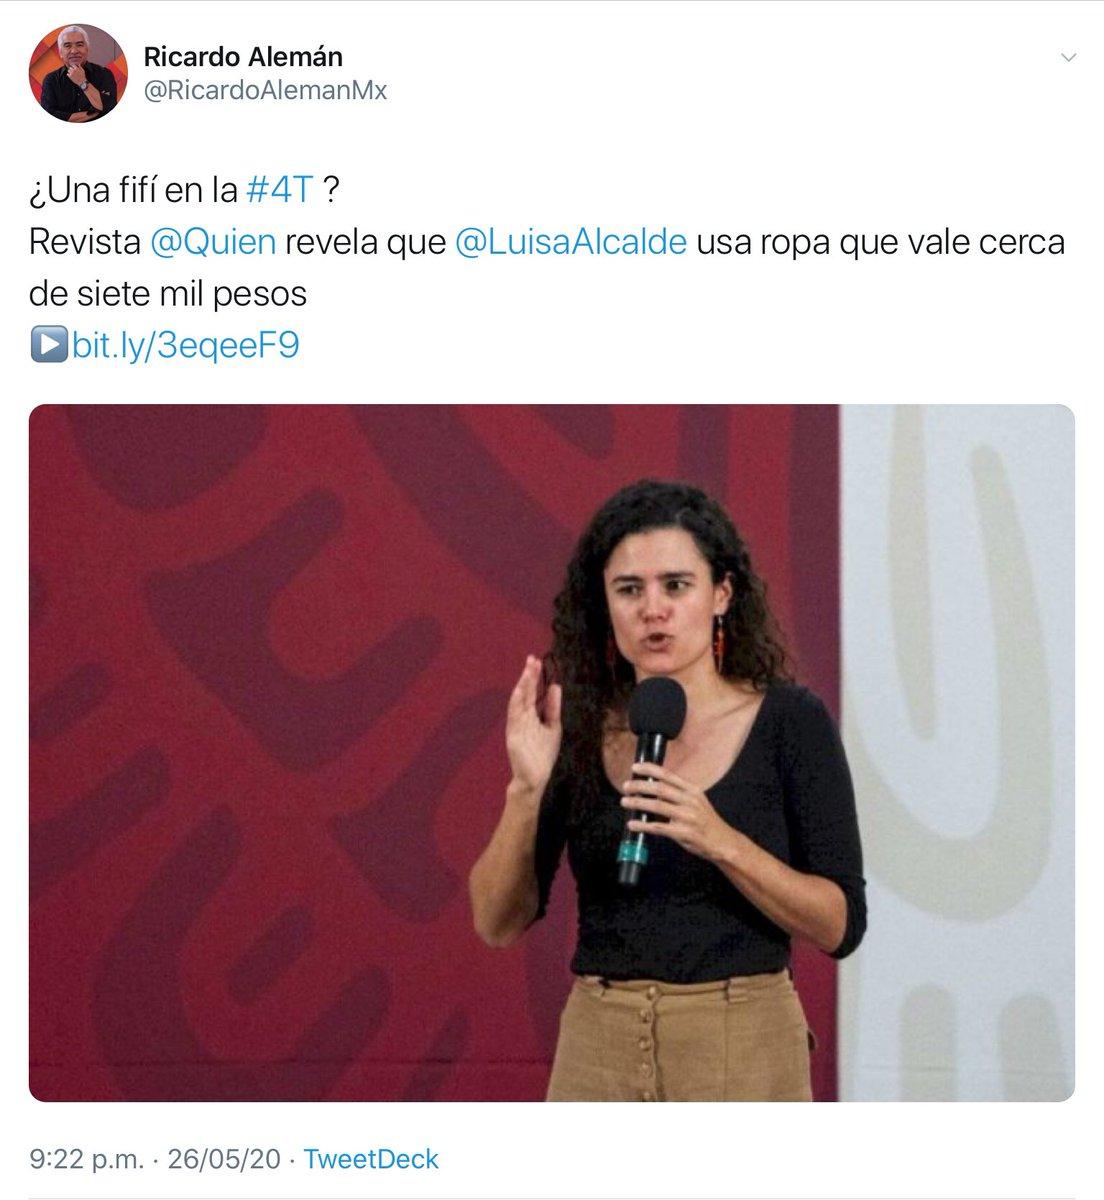 El periodismo que defiende @article19mex